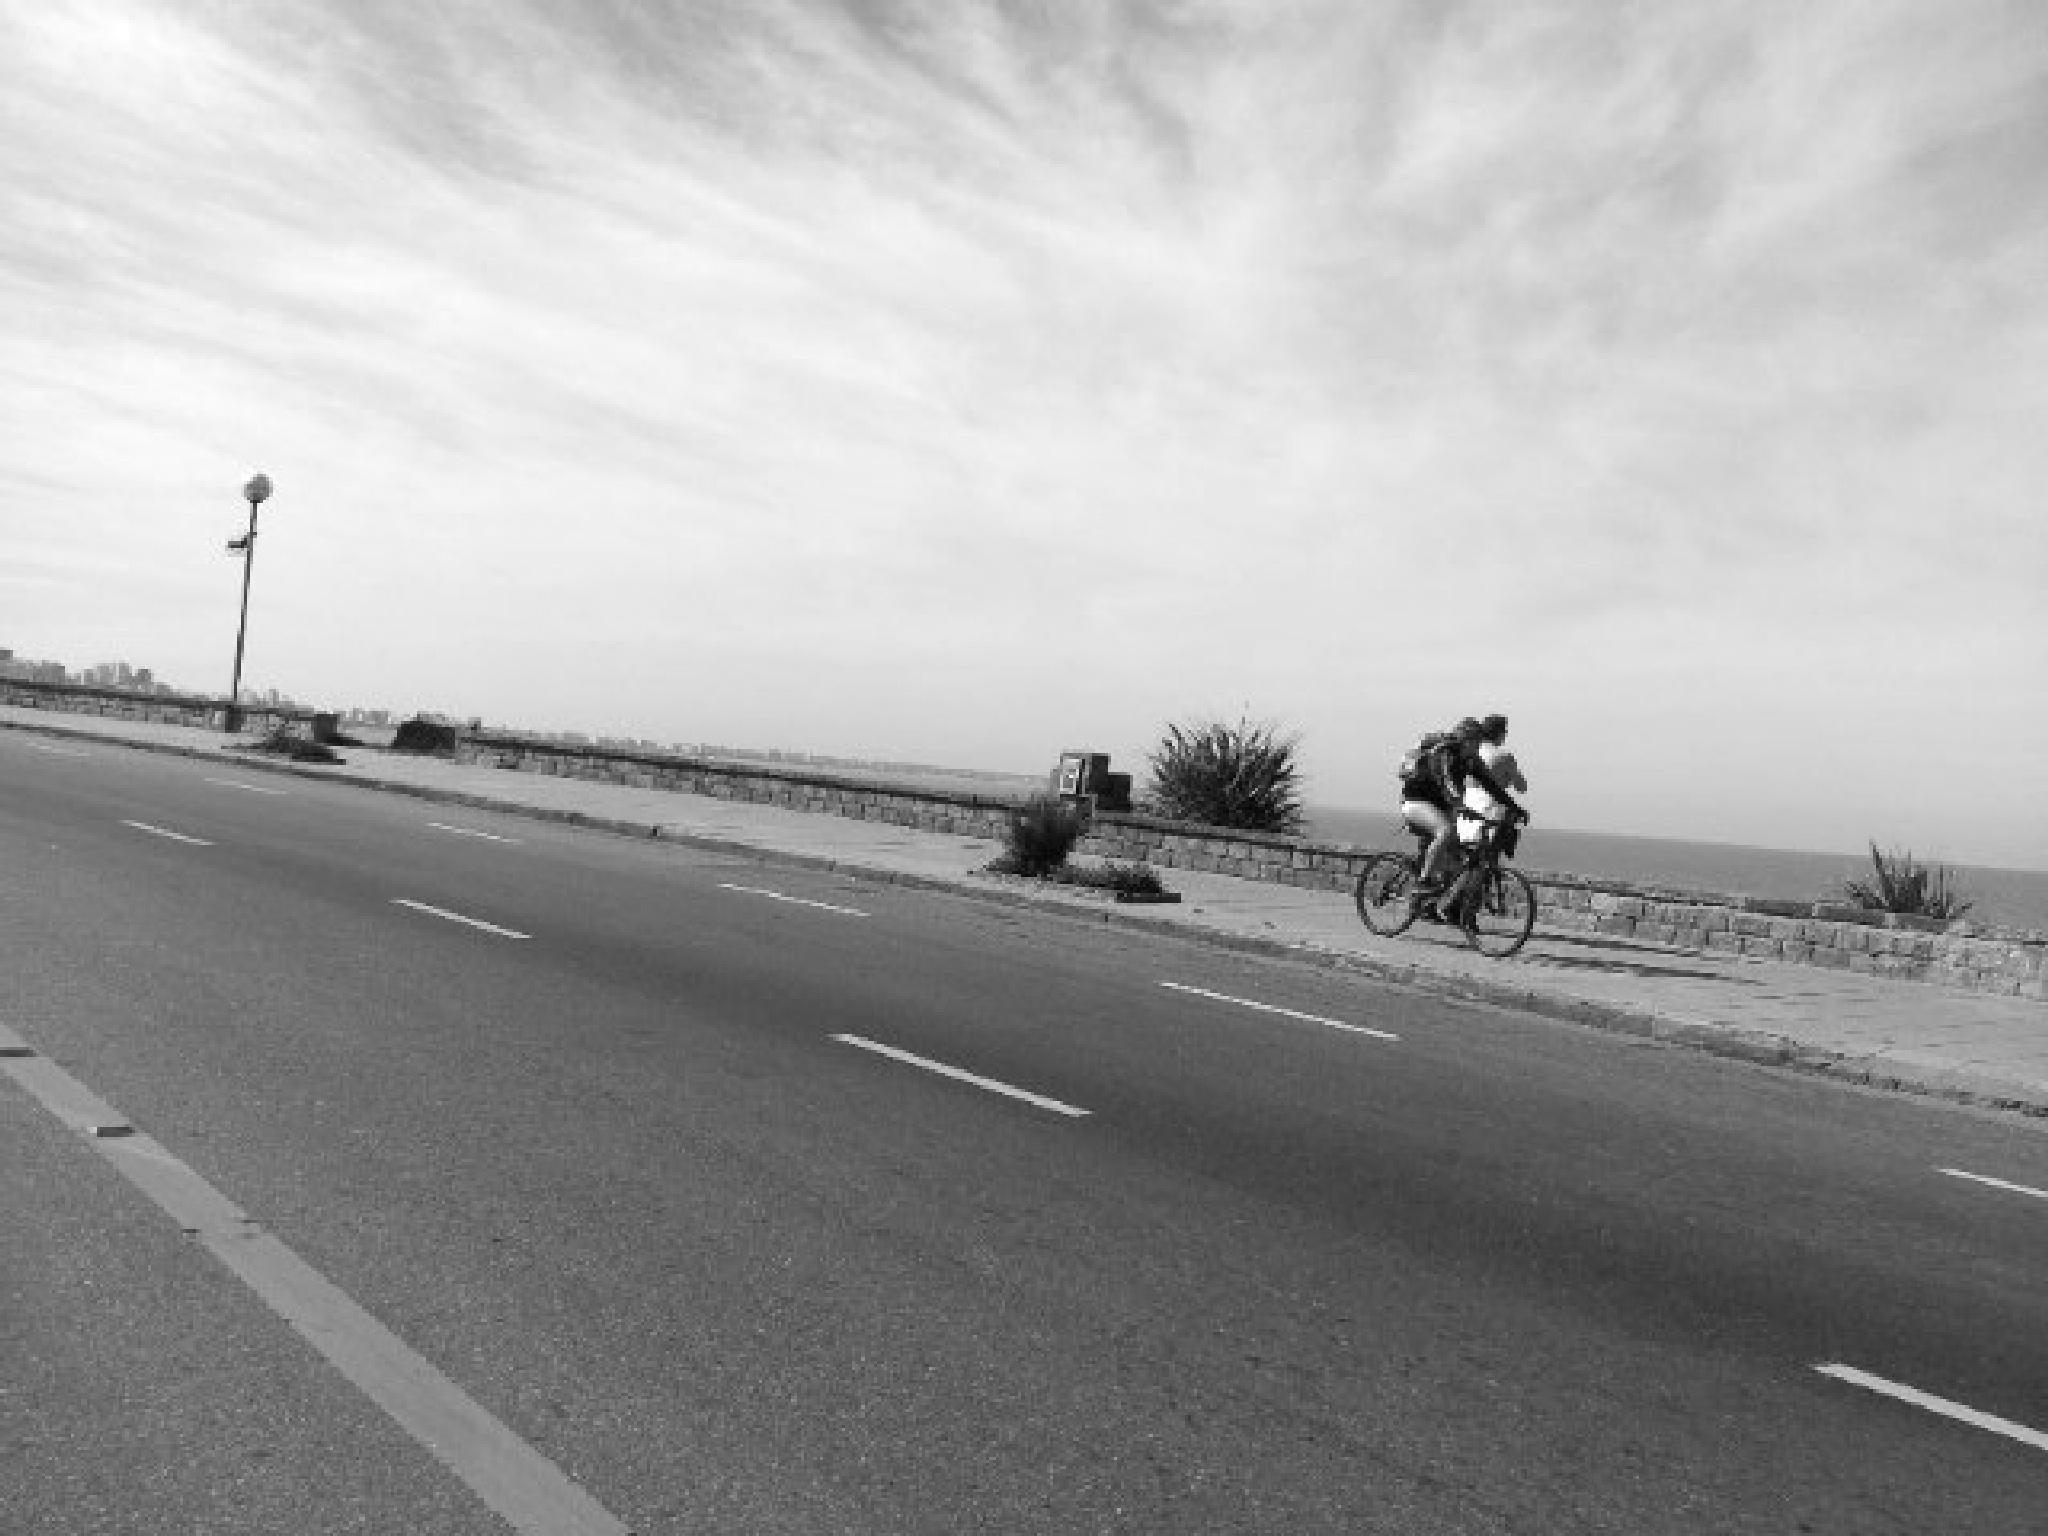 Ride a bike by Valeria Alvarez